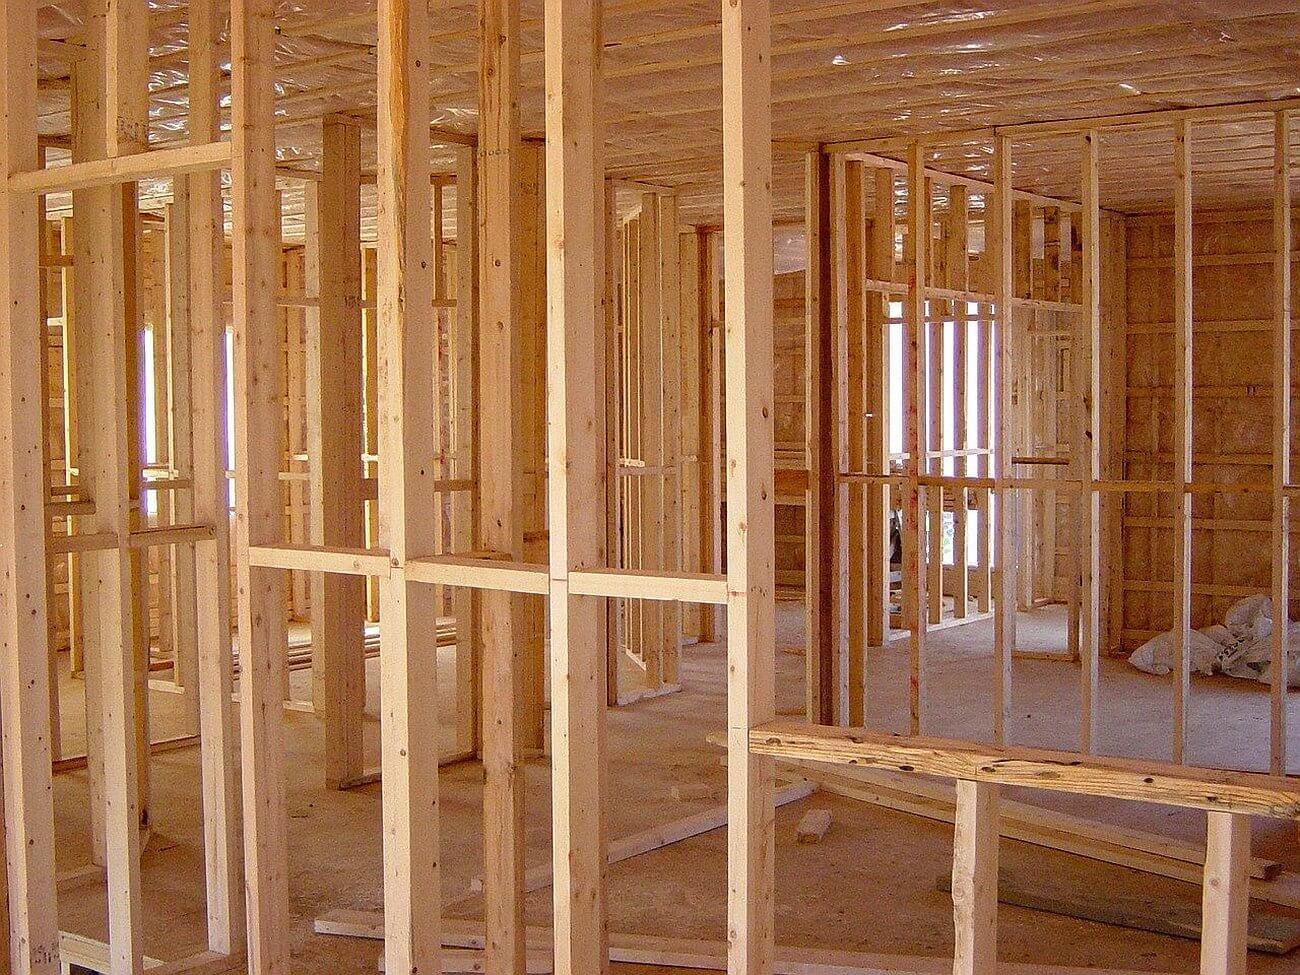 Tégla, vagy könnyűszerkezetes ház építés? Melyikkel jársz jobban?